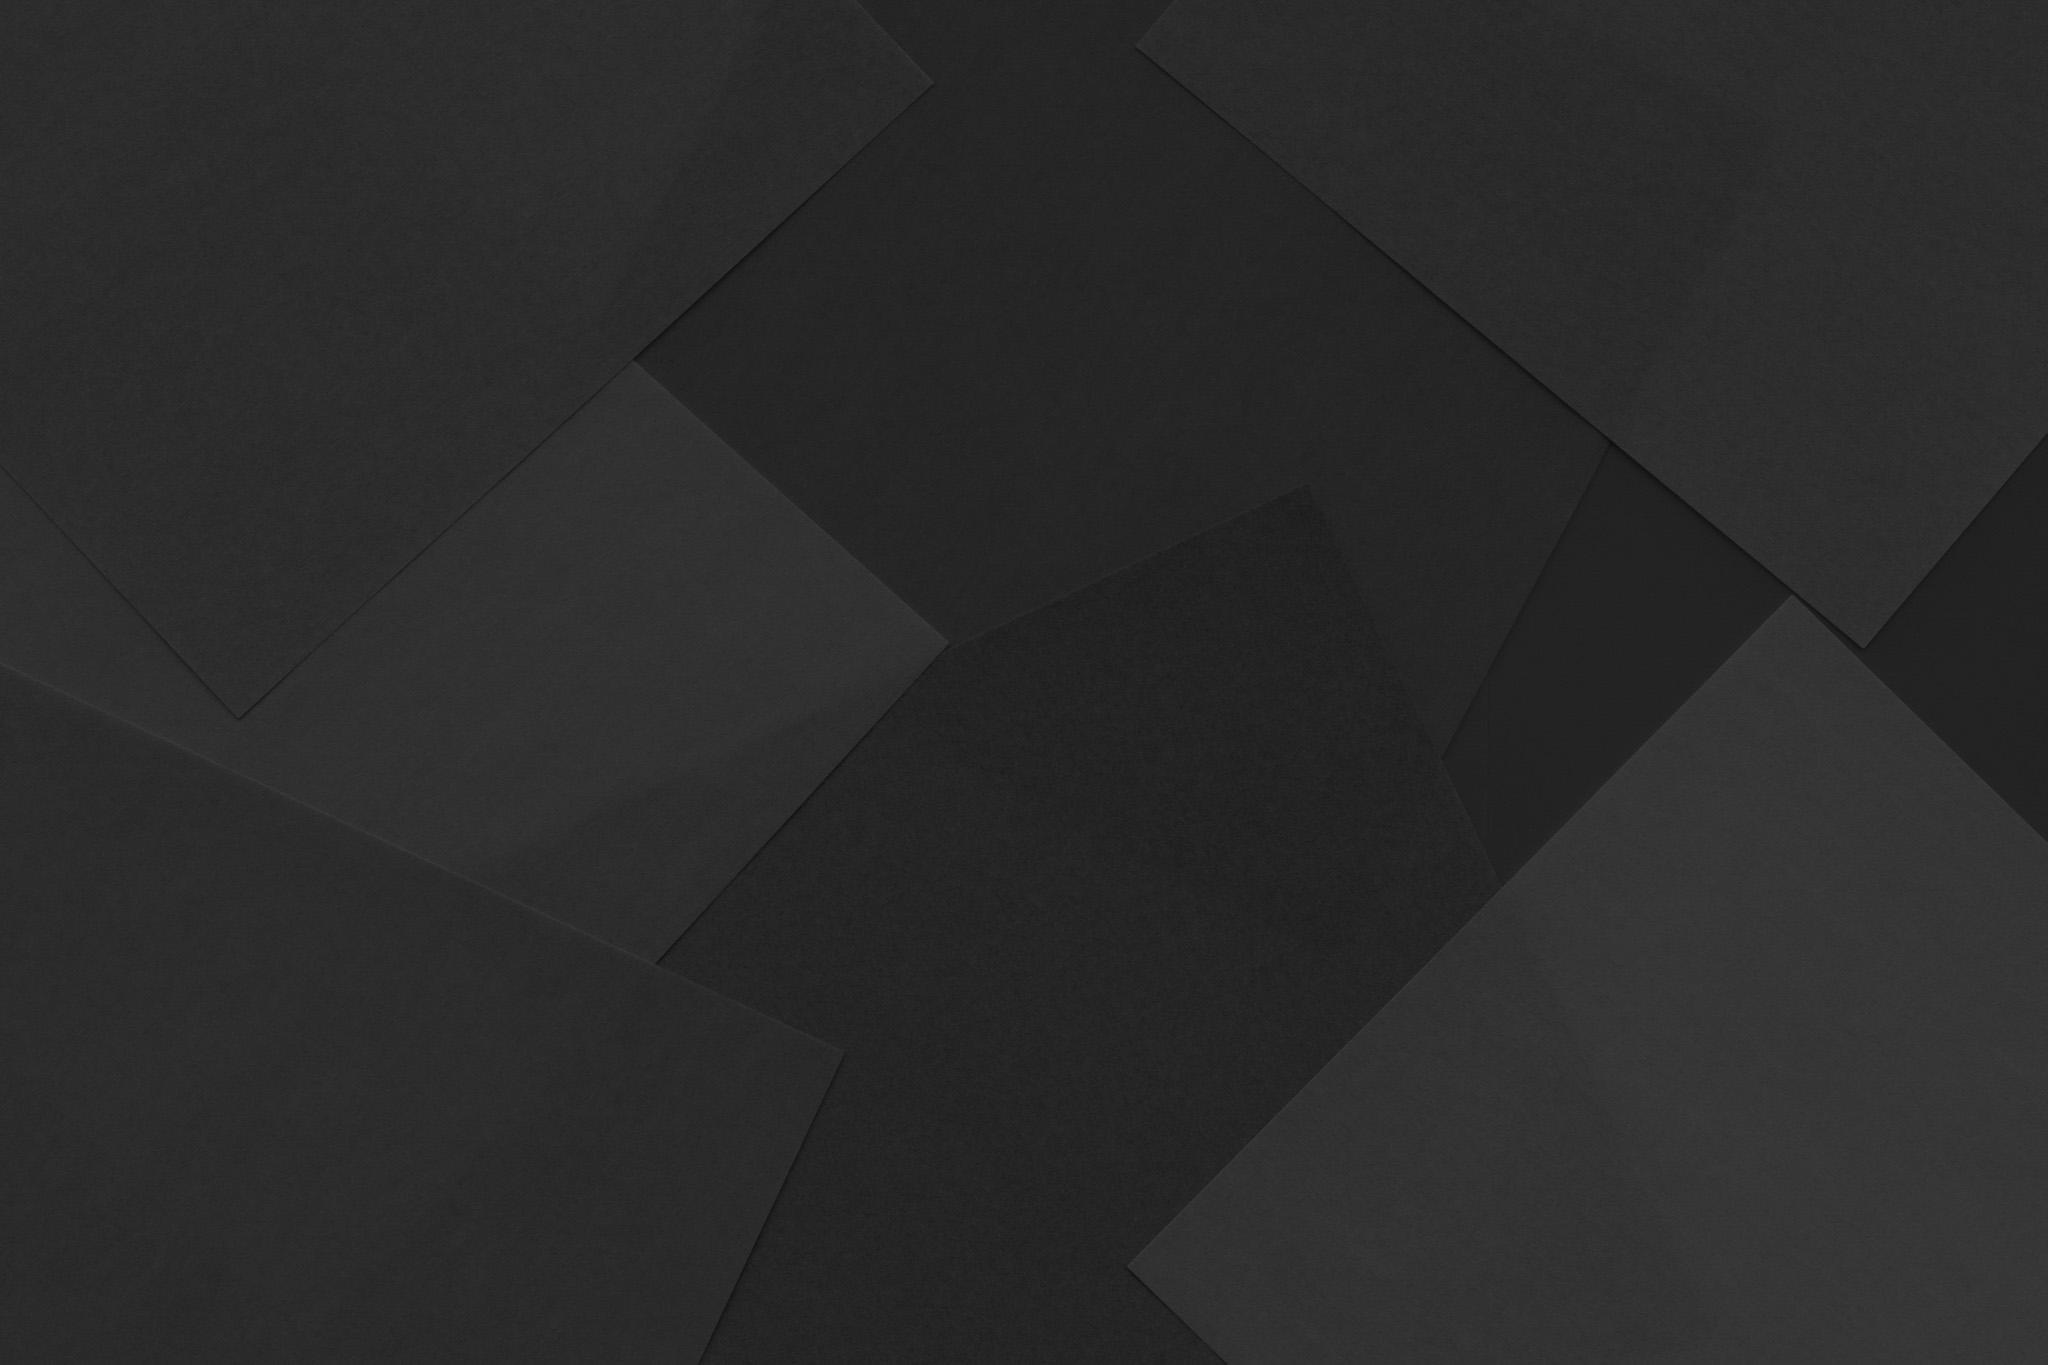 黒のシンプルなテクスチャ壁紙 の画像素材を無料ダウンロード 1 フリー素材 Beiz Images